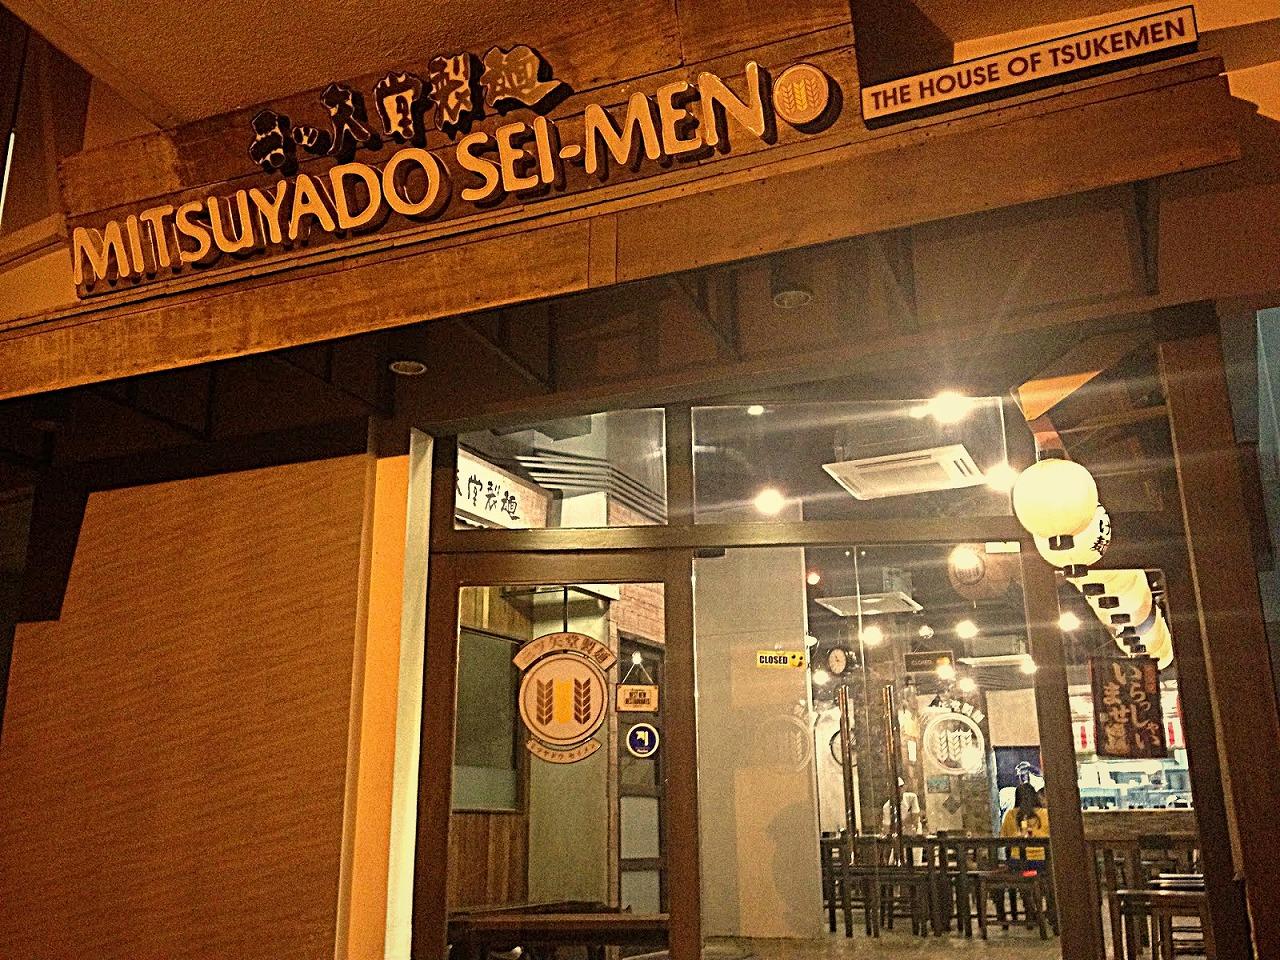 MITSUYADO-SEIMEN